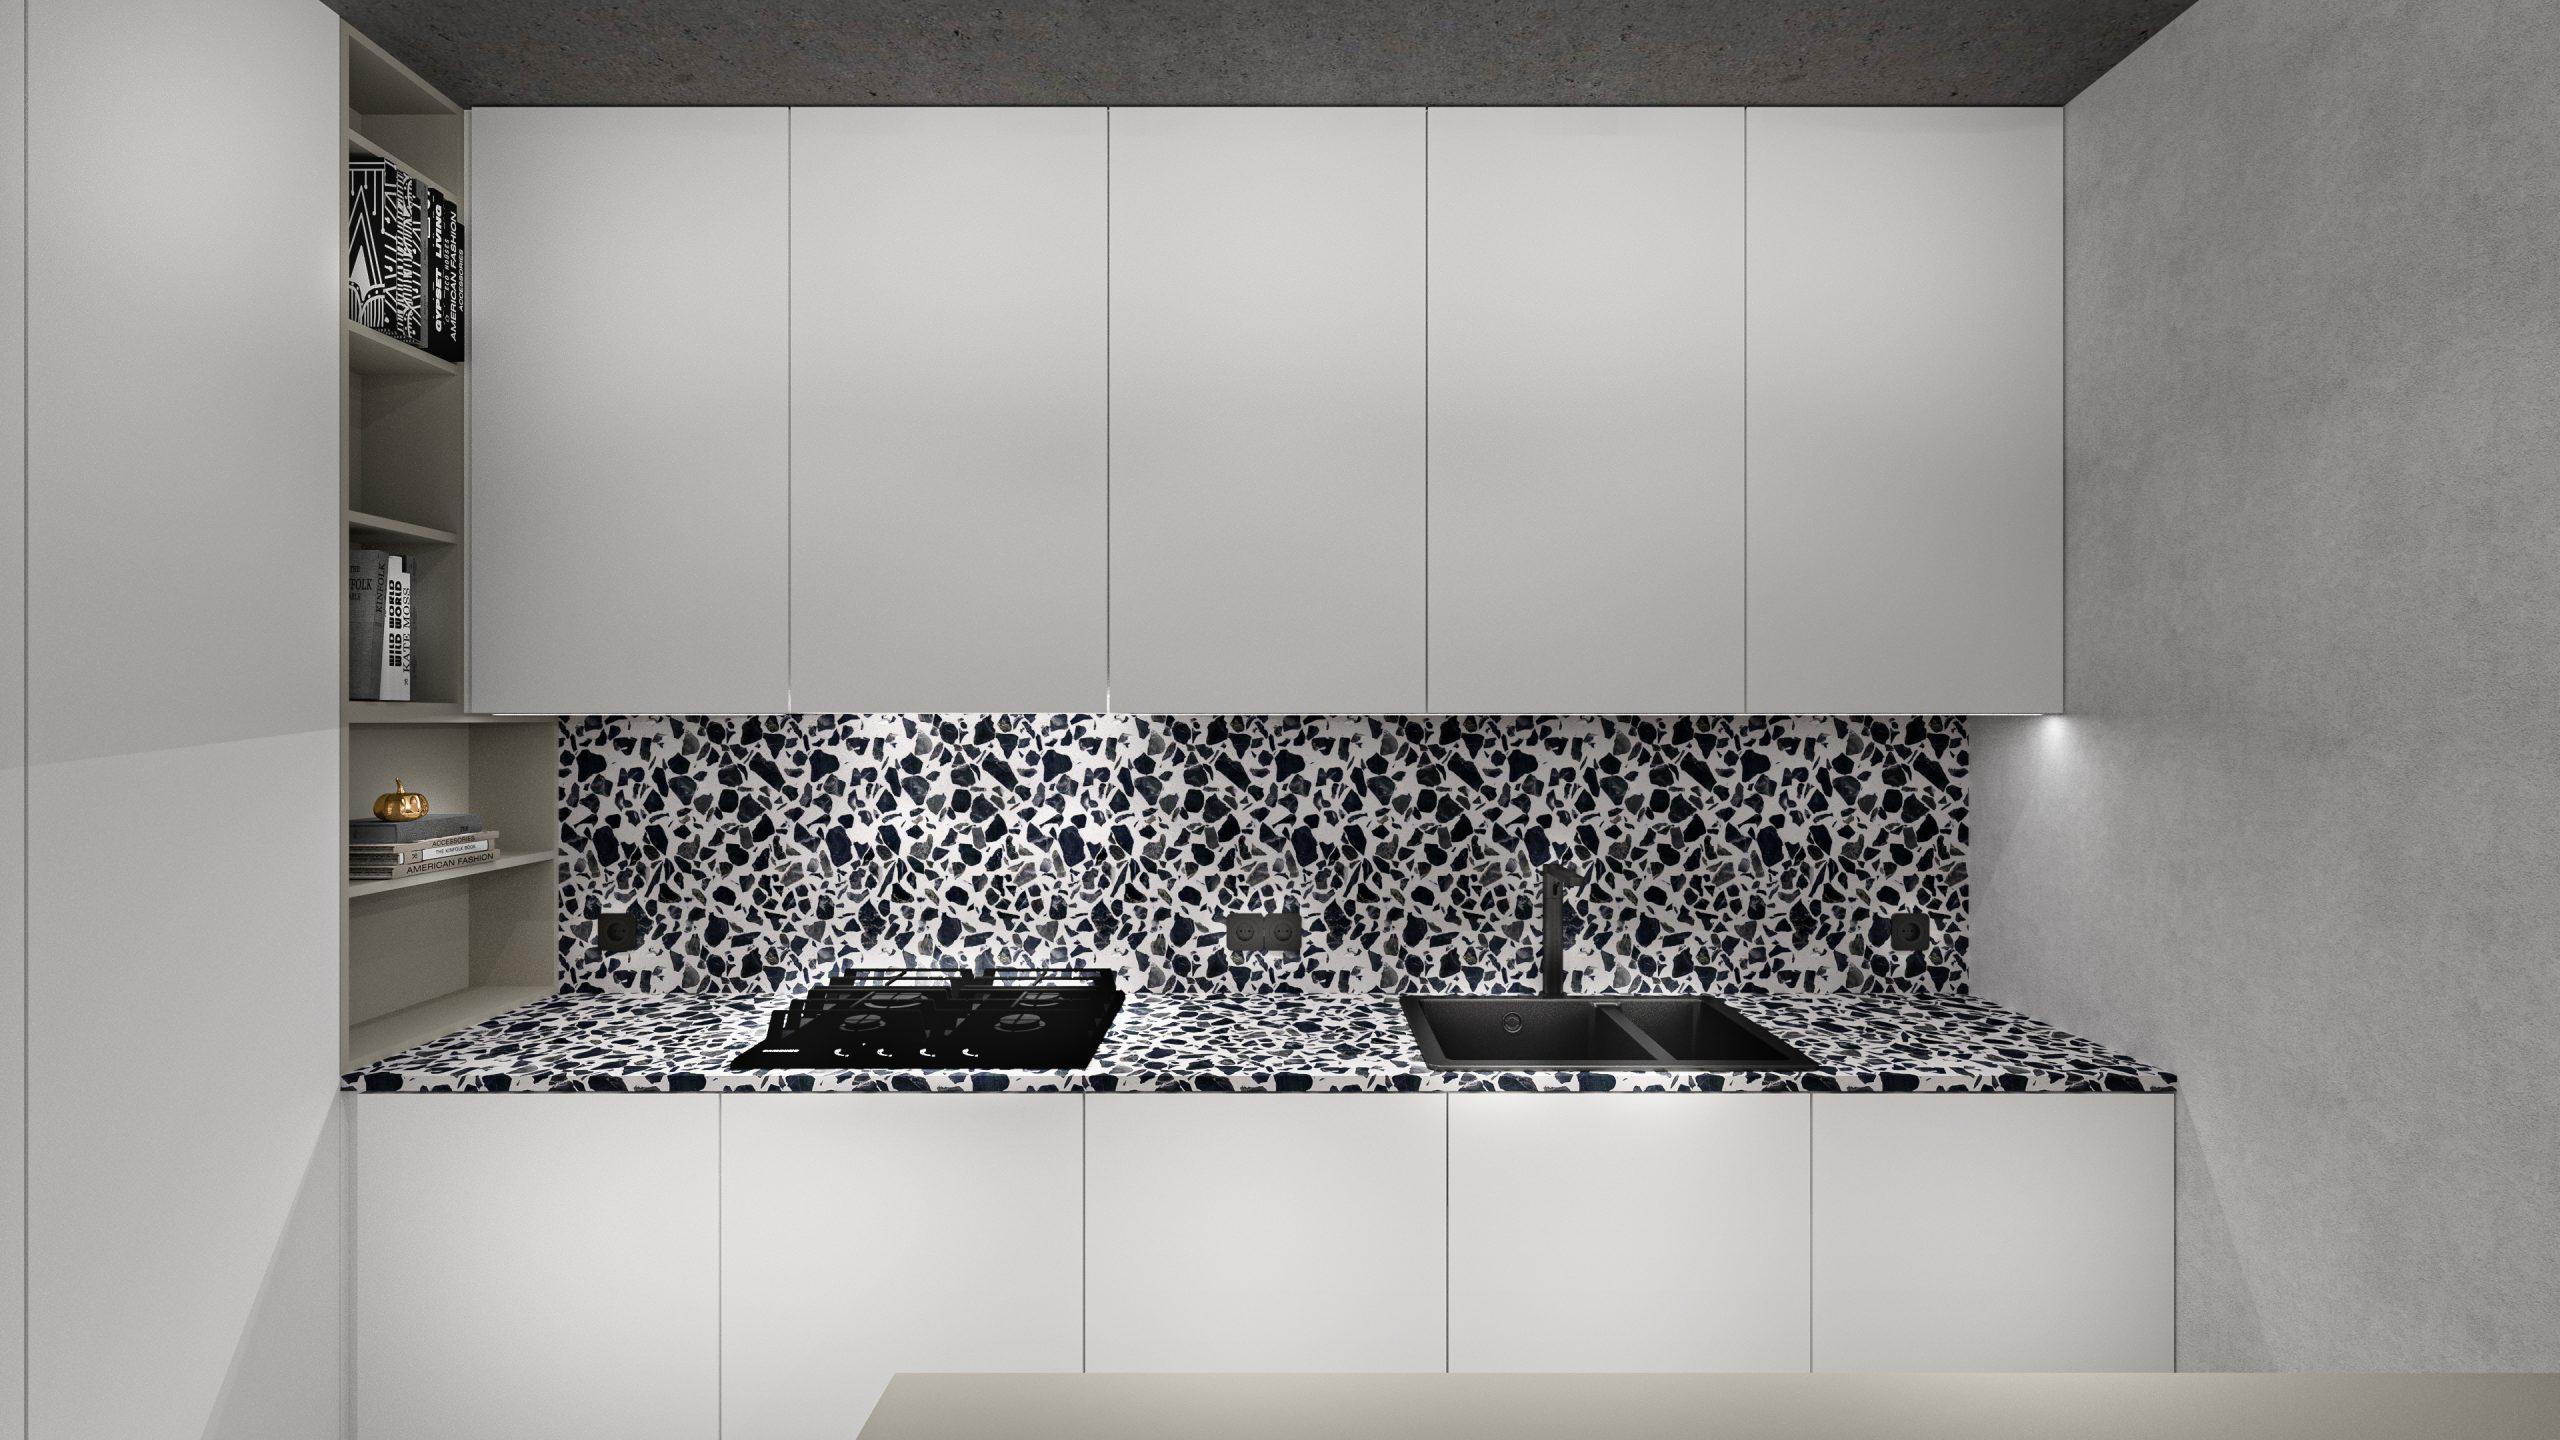 navrh dizajn obyvacky kuchyne luxusny moderny